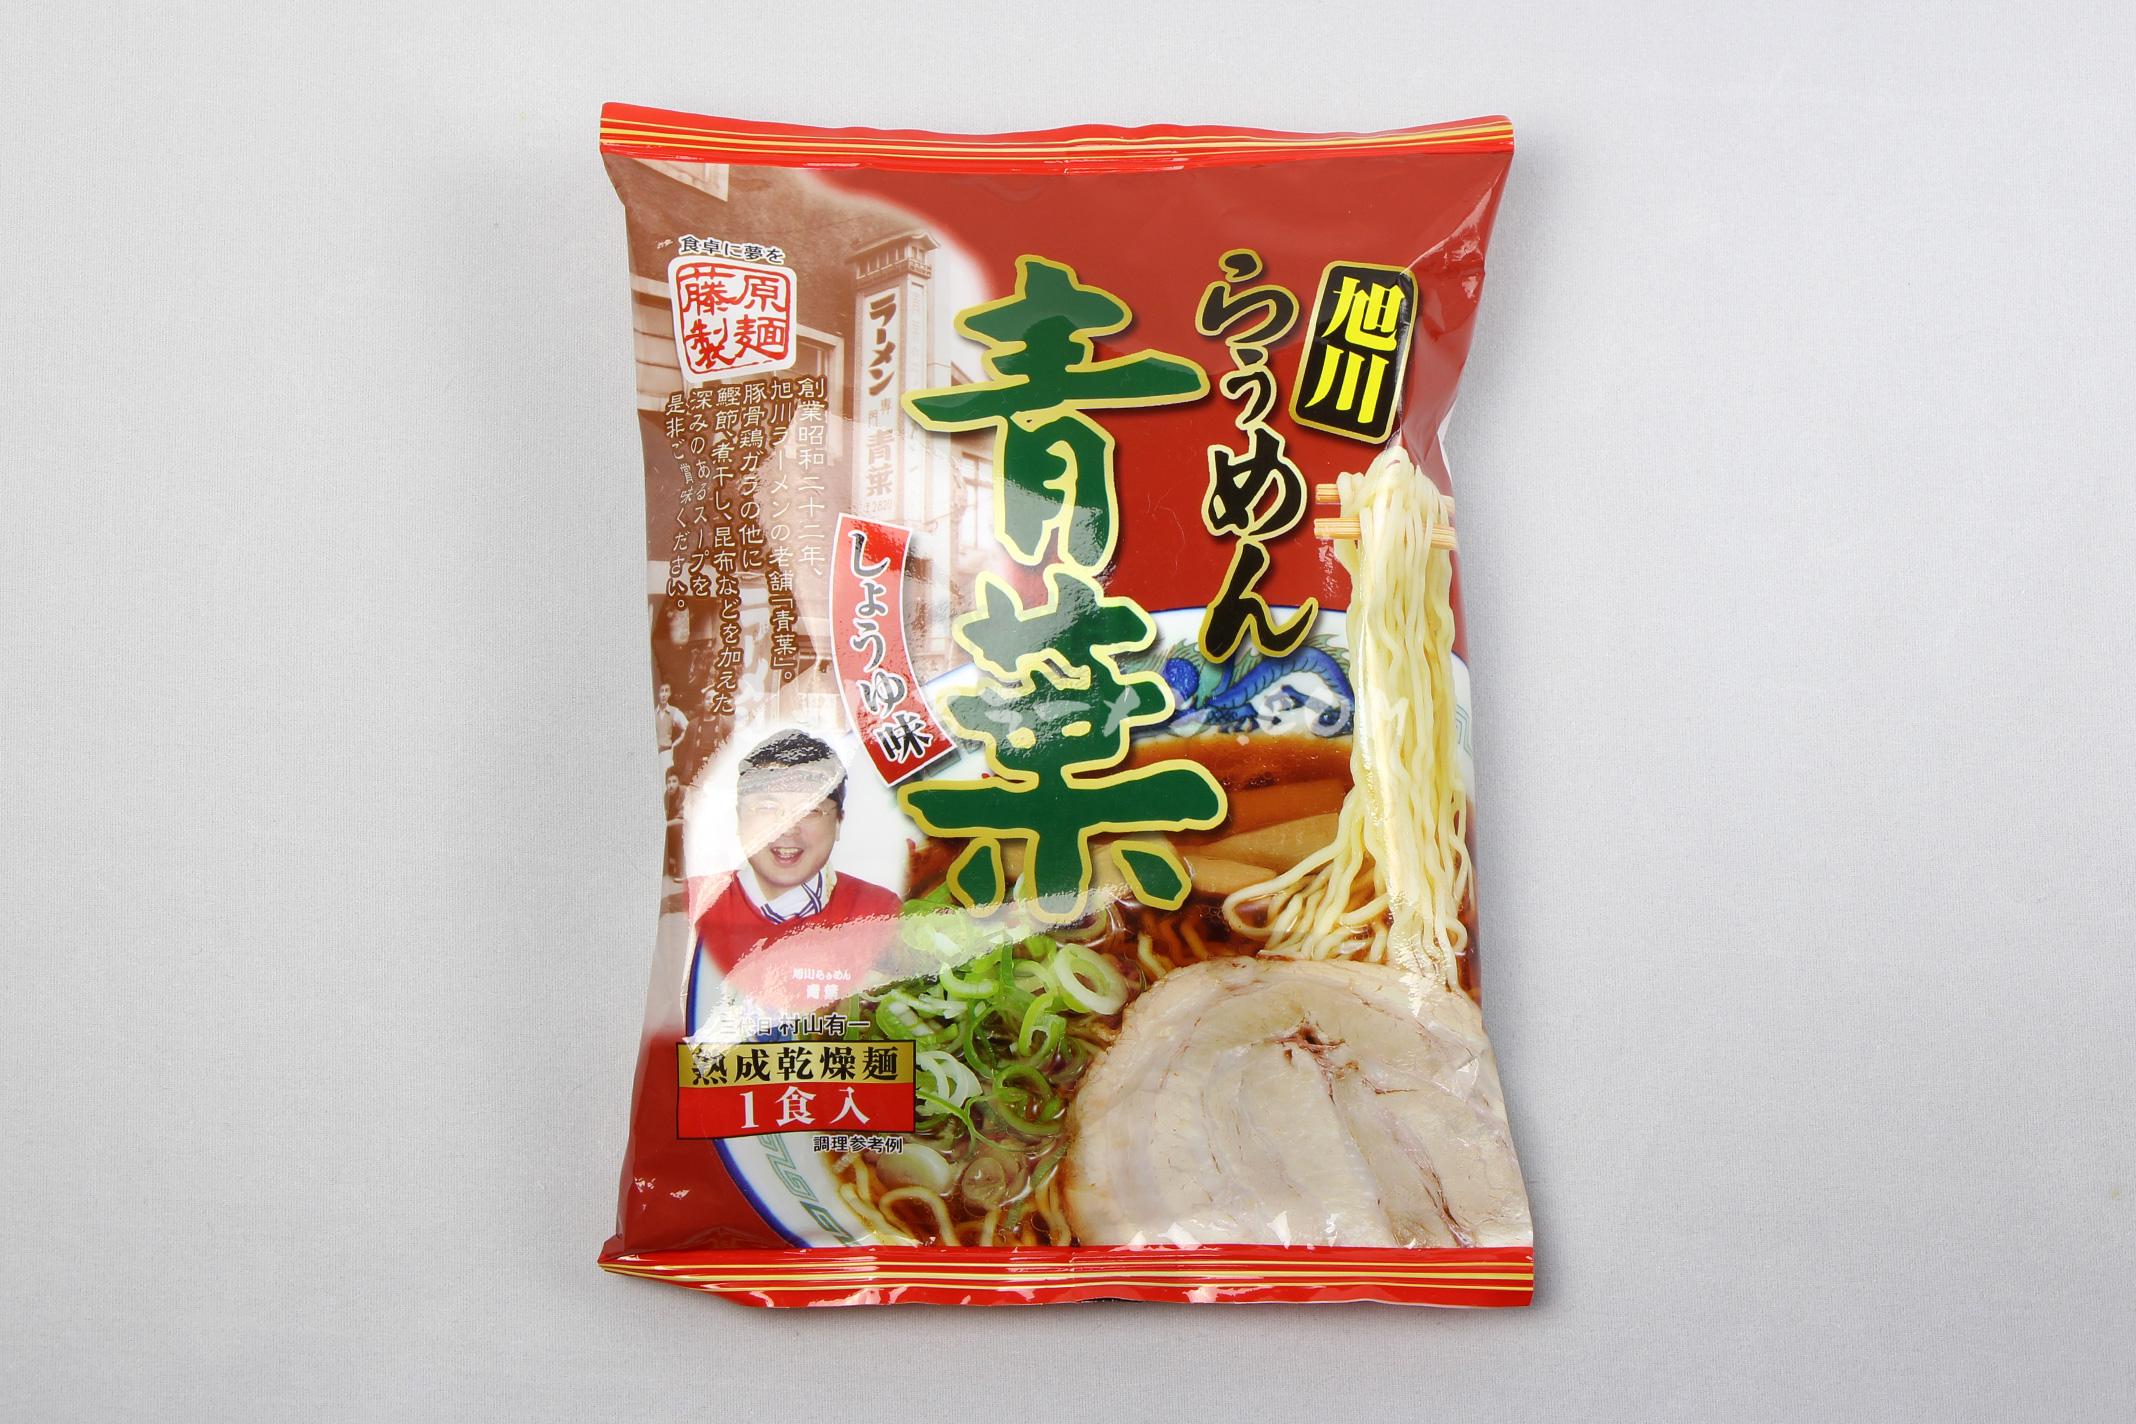 「旭川らぅめん 青葉 しょうゆ味」(藤原製麺)のパッケージ(表)